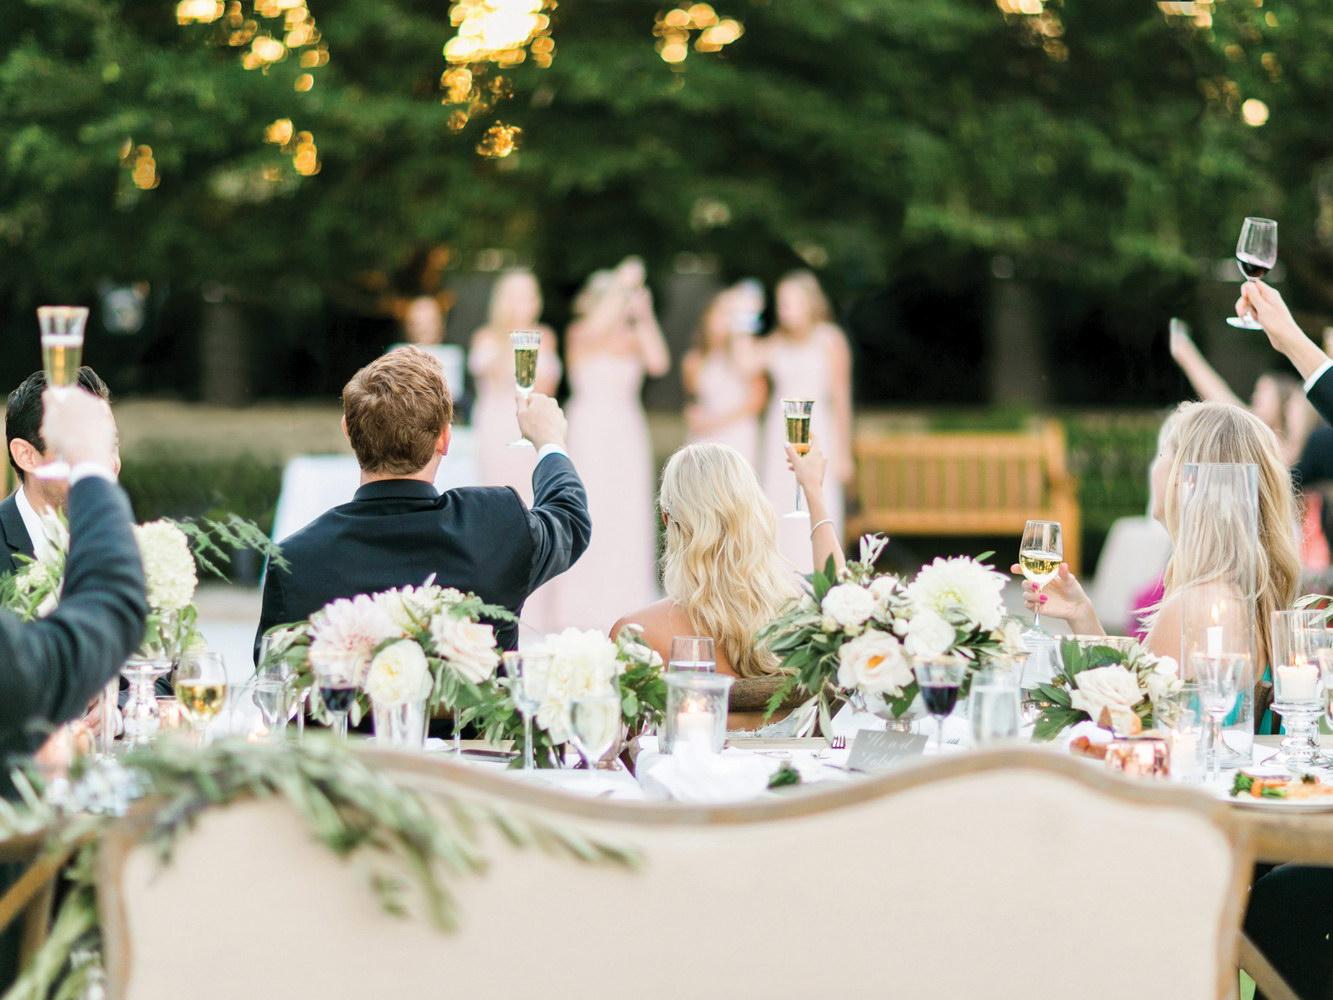 Cine poate tine discursuri la nunta